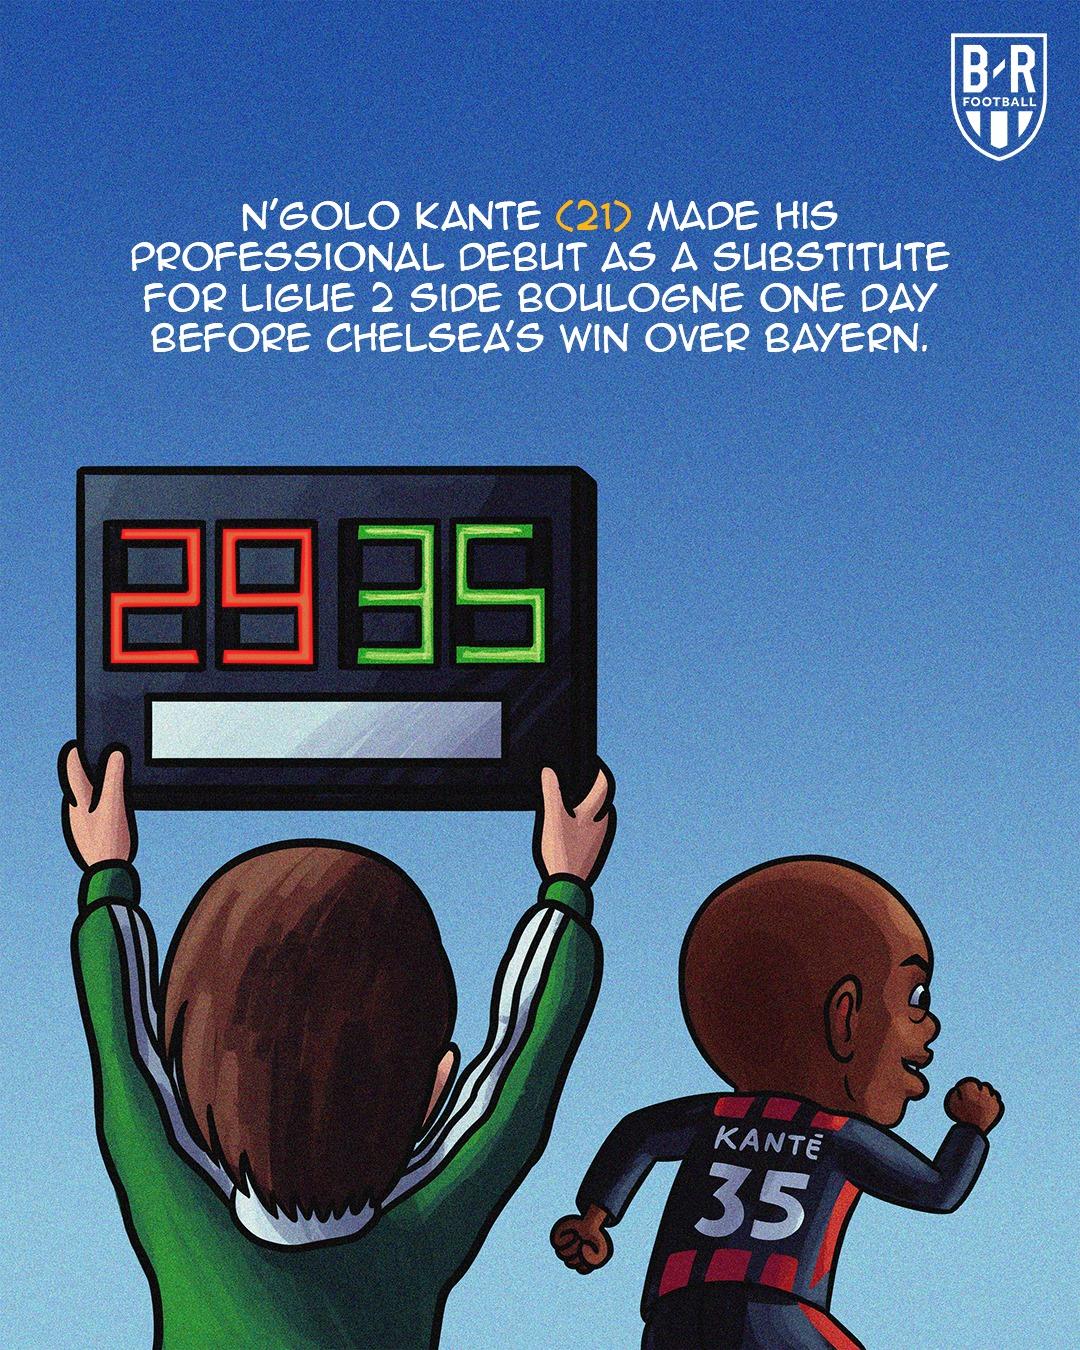 Dàn sao Chelsea hiện tại ở đâu khi CLB vô địch C1 năm 2012? - Bóng Đá